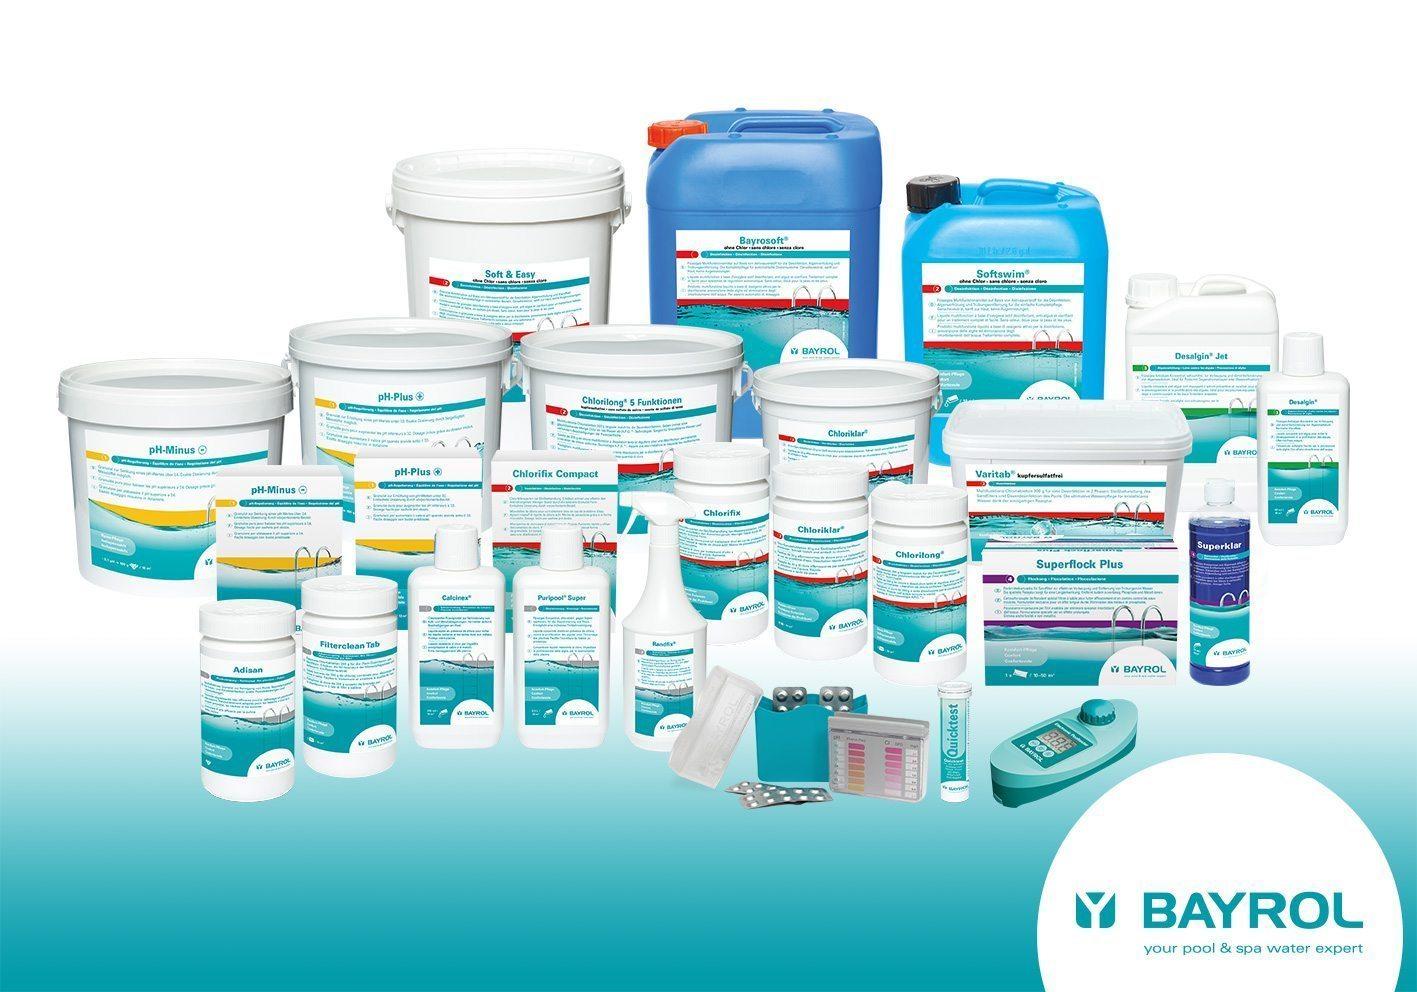 Nouvelle identité graphique, nouvel axe merchandising et nouveaux produits pour Bayrol